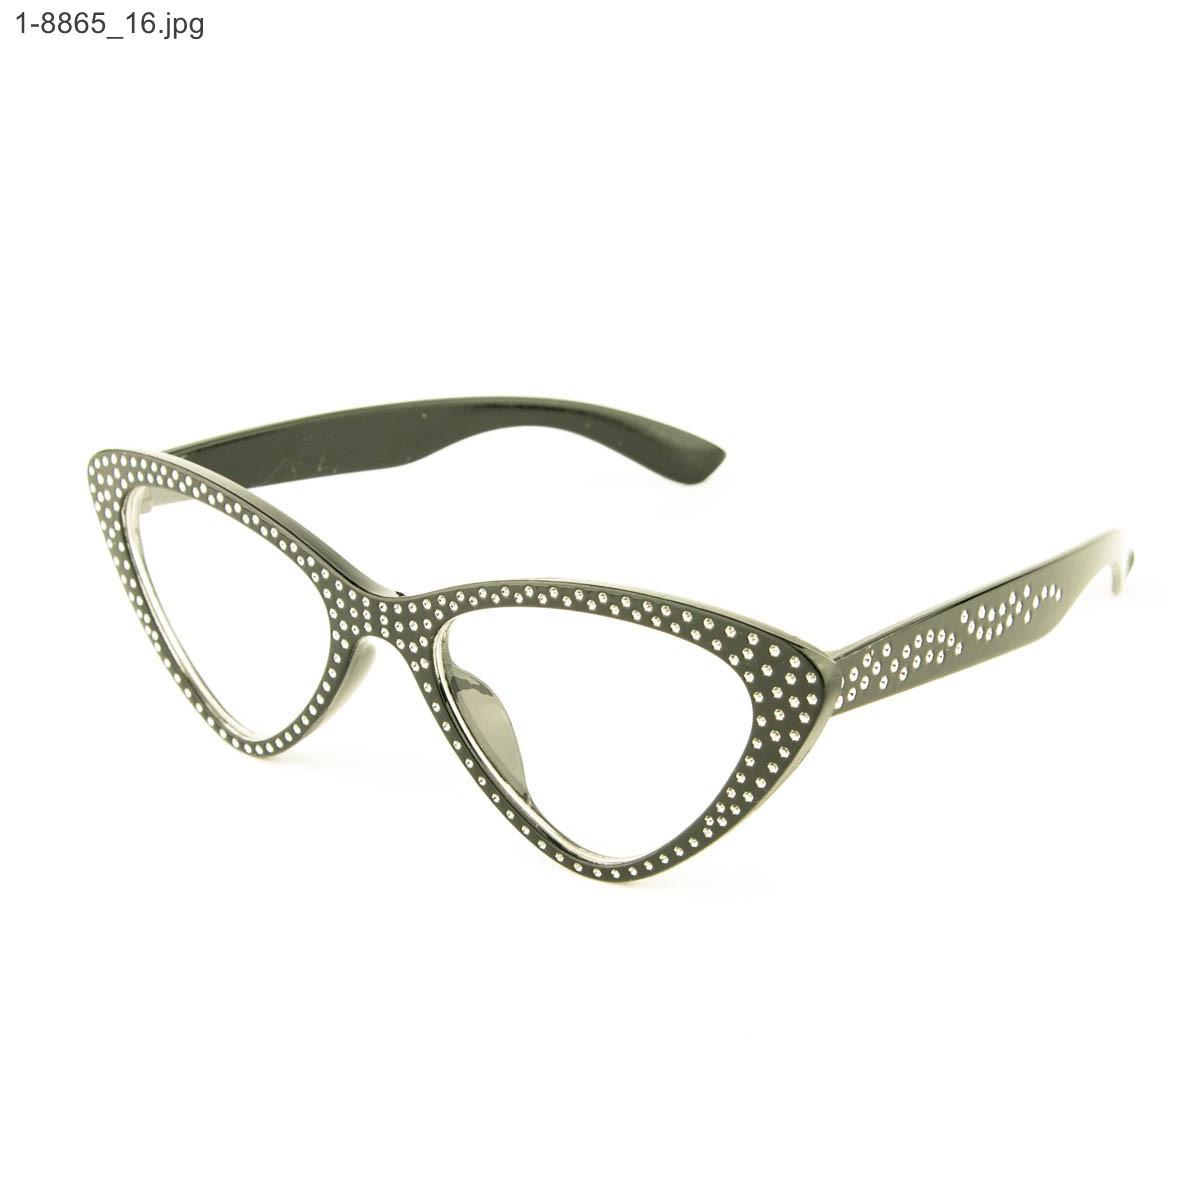 Оптом имиджевые очки кошачий глаз - Черные со стразами (имитация) - 1-8865